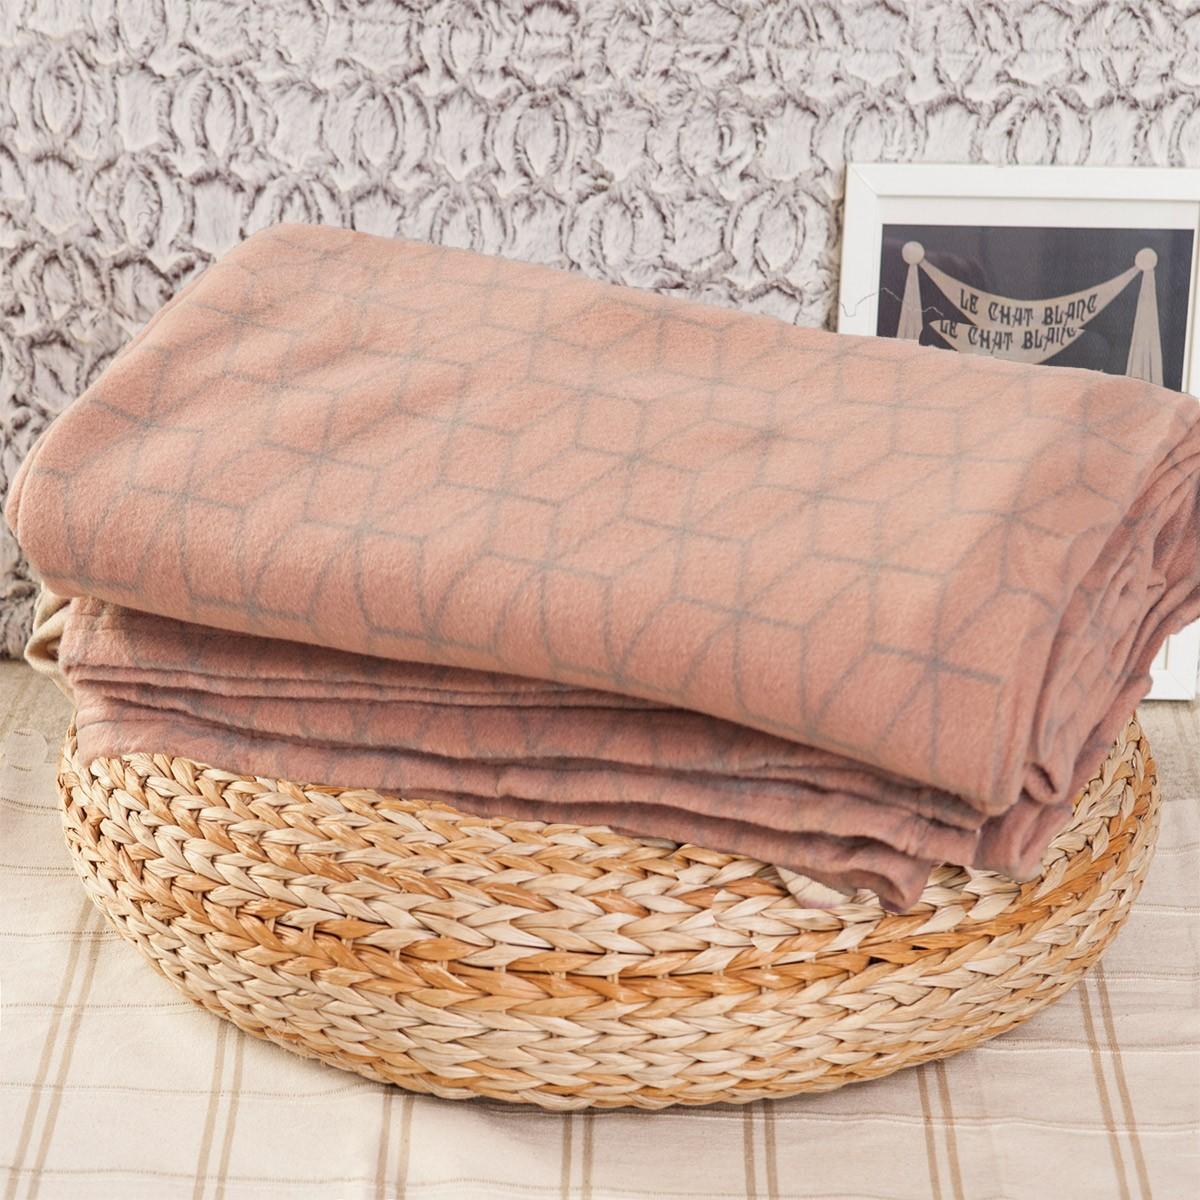 Κουβέρτα Fleece Διπλή Melinen Minimal home   κρεβατοκάμαρα   κουβέρτες   κουβέρτες fleece υπέρδιπλες